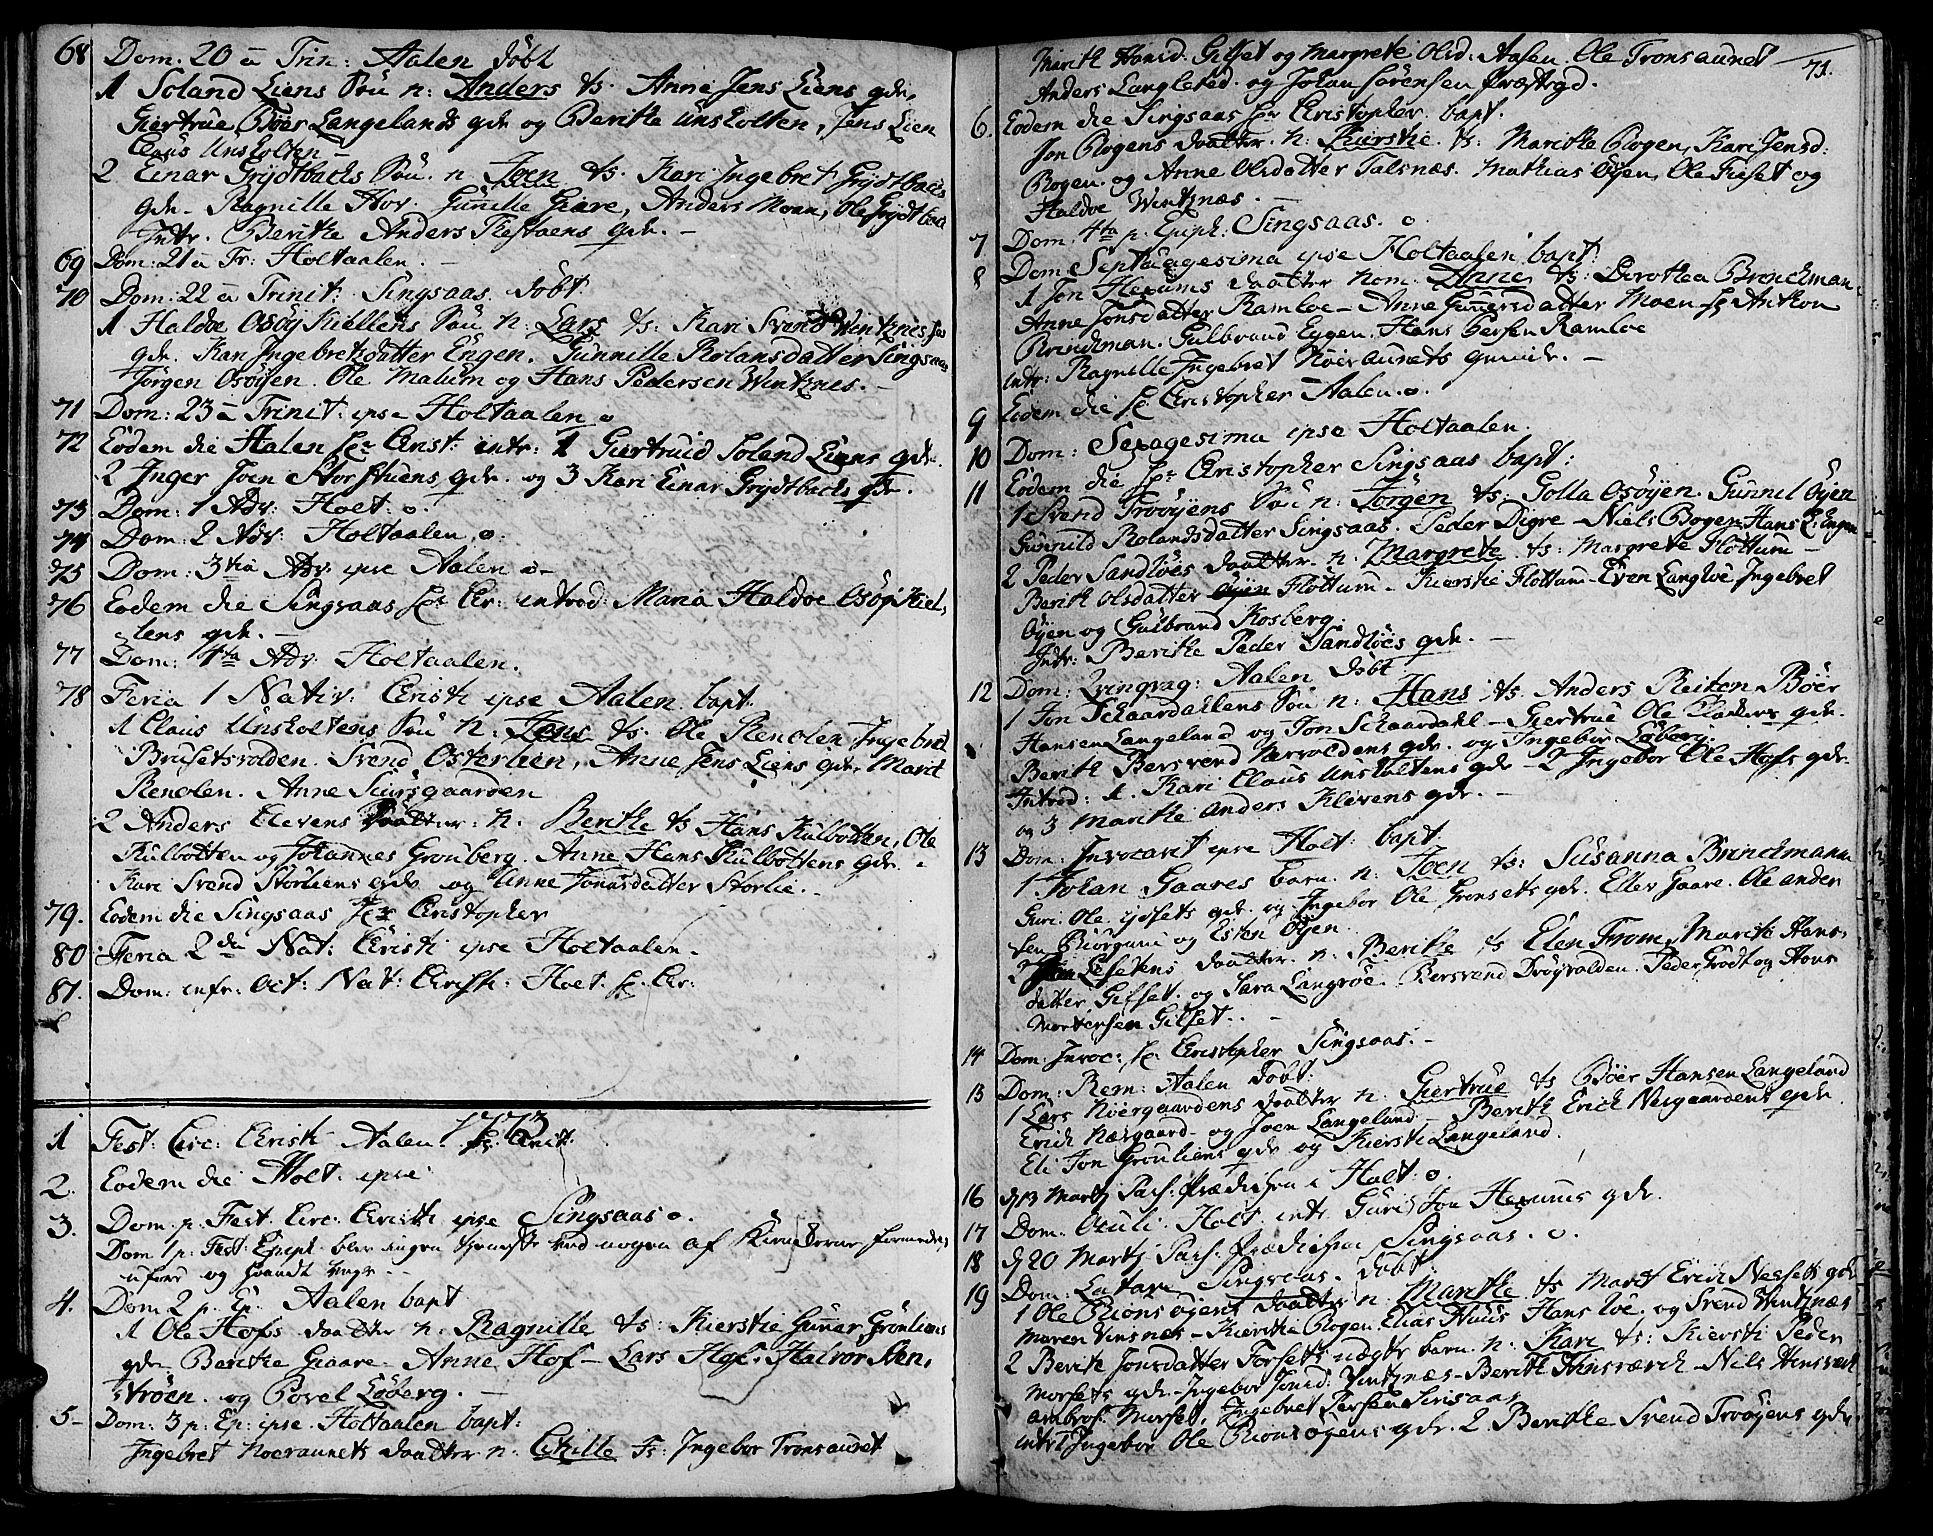 SAT, Ministerialprotokoller, klokkerbøker og fødselsregistre - Sør-Trøndelag, 685/L0952: Ministerialbok nr. 685A01, 1745-1804, s. 71